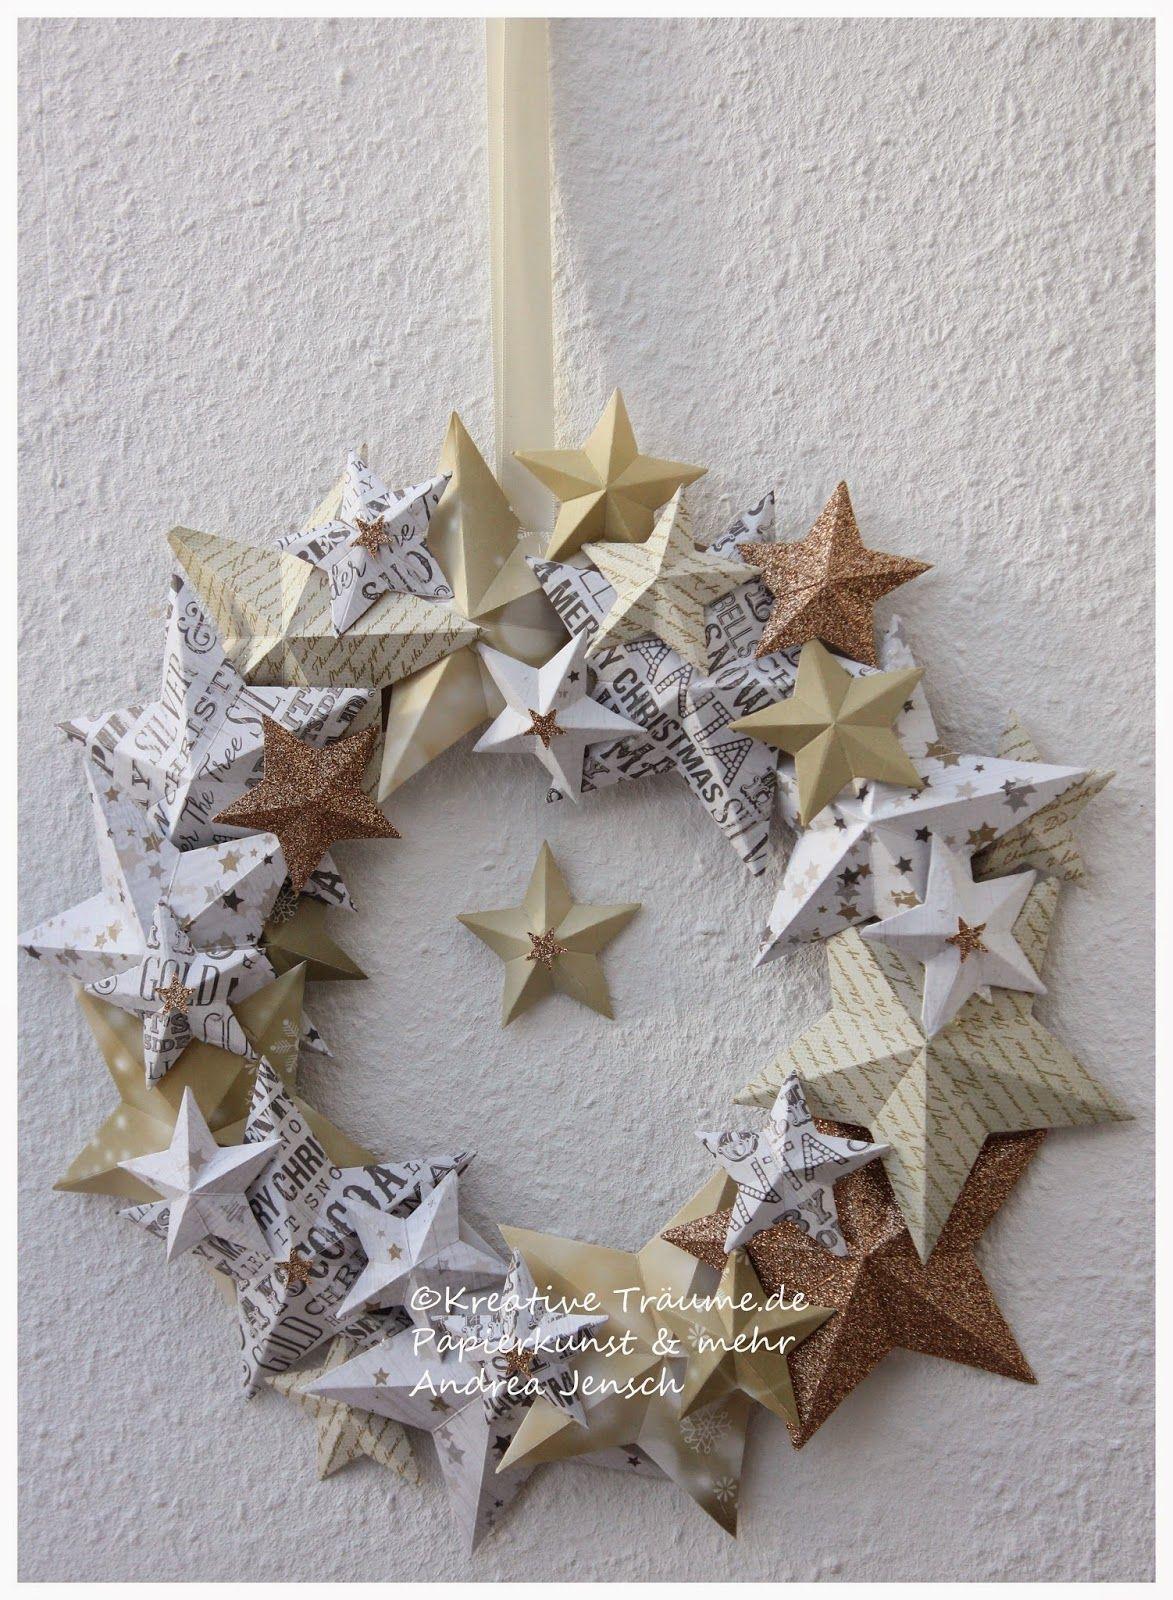 Hier kannst du sehen was bei mir so als dekoration zu for Dekoration wohnung weihnachten